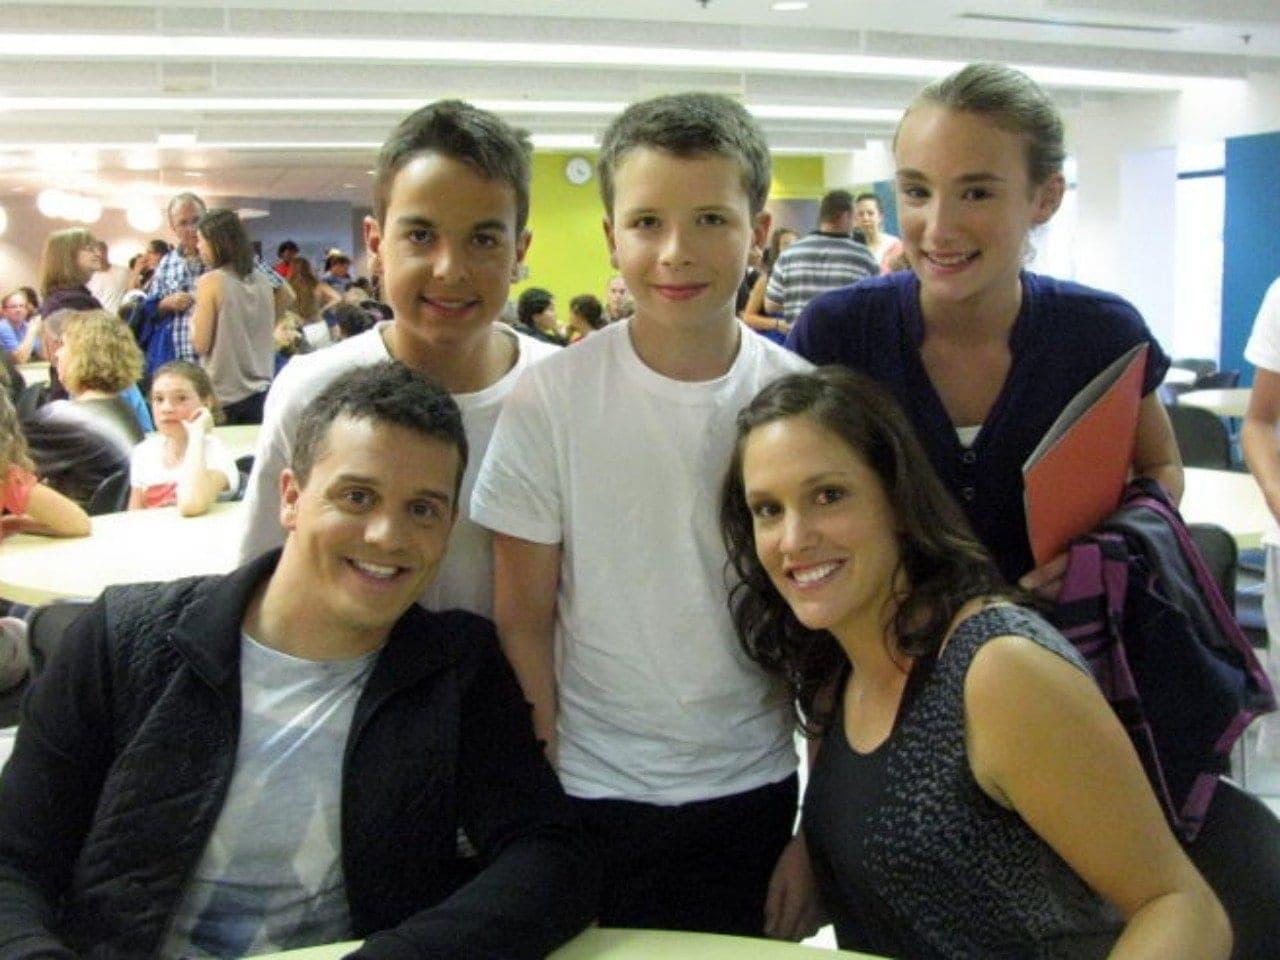 Alexis Pellerin, Louis-Philip Coursol et Ellyciane Paradis en compagnie de Patrice Bélanger et Stéphanie Dubois, lors du tournage de C'est du sport le 13 août 2014.